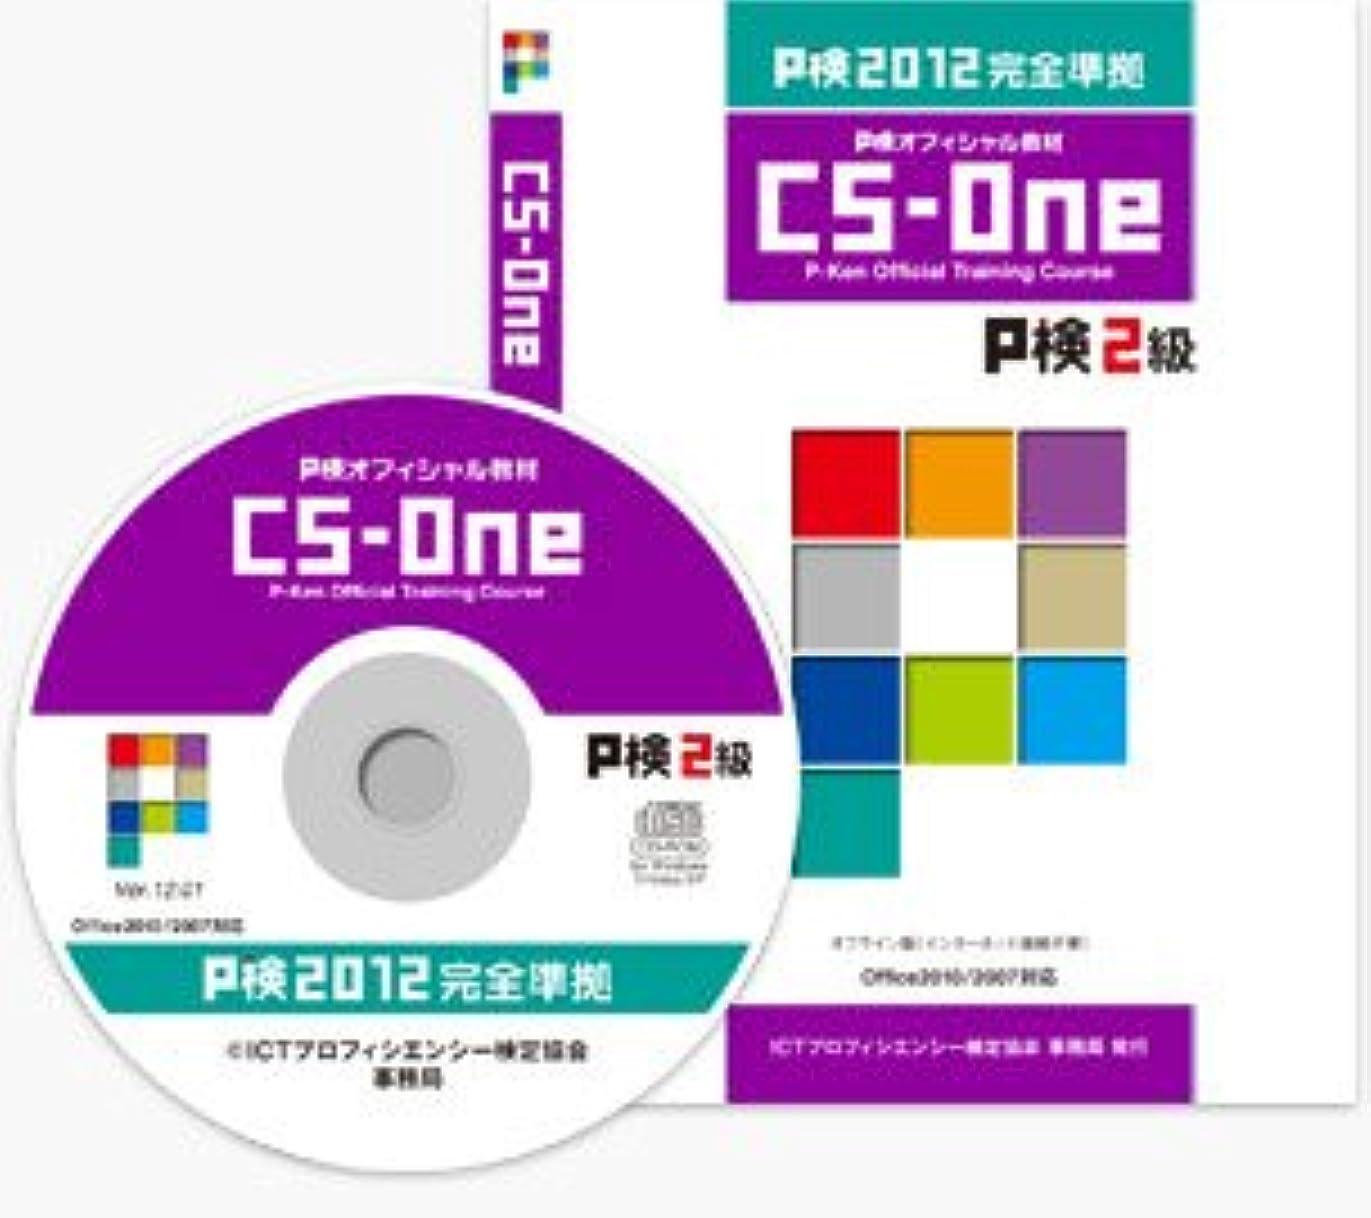 素人締め切りどこP検オフィシャル教材 CS-One P検2級 P検2012完全準拠